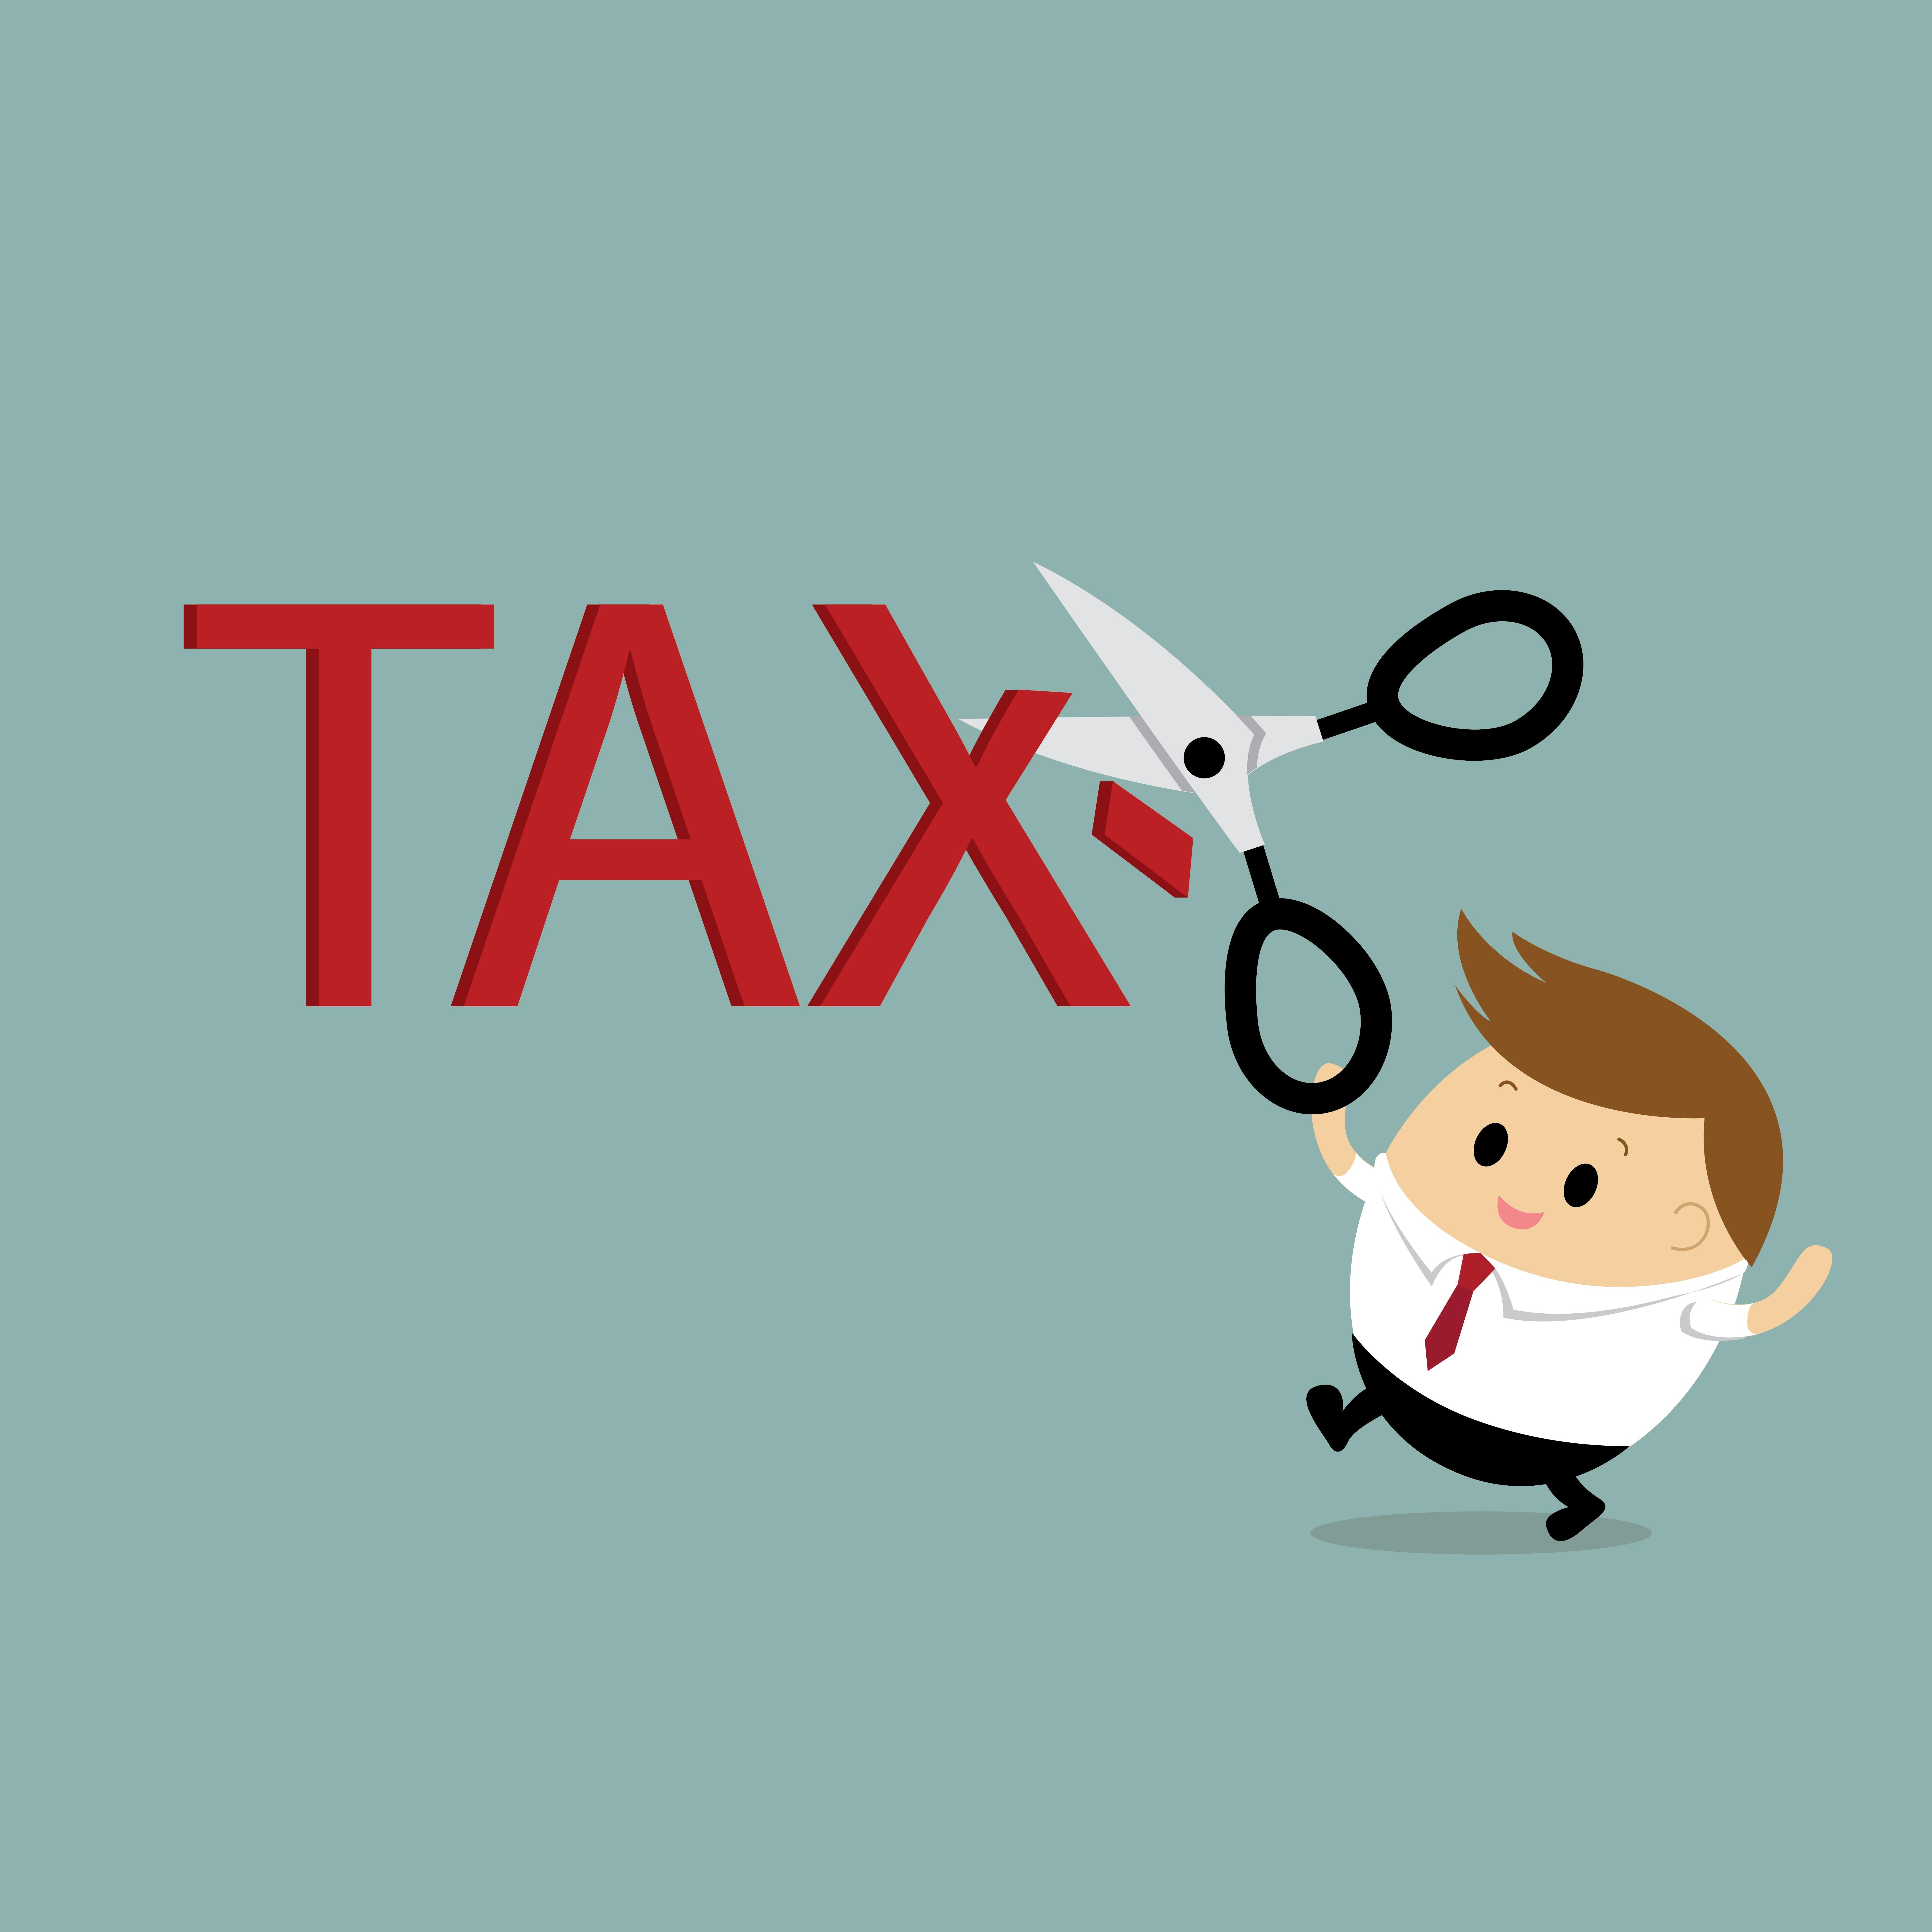 tax_cut.jpg